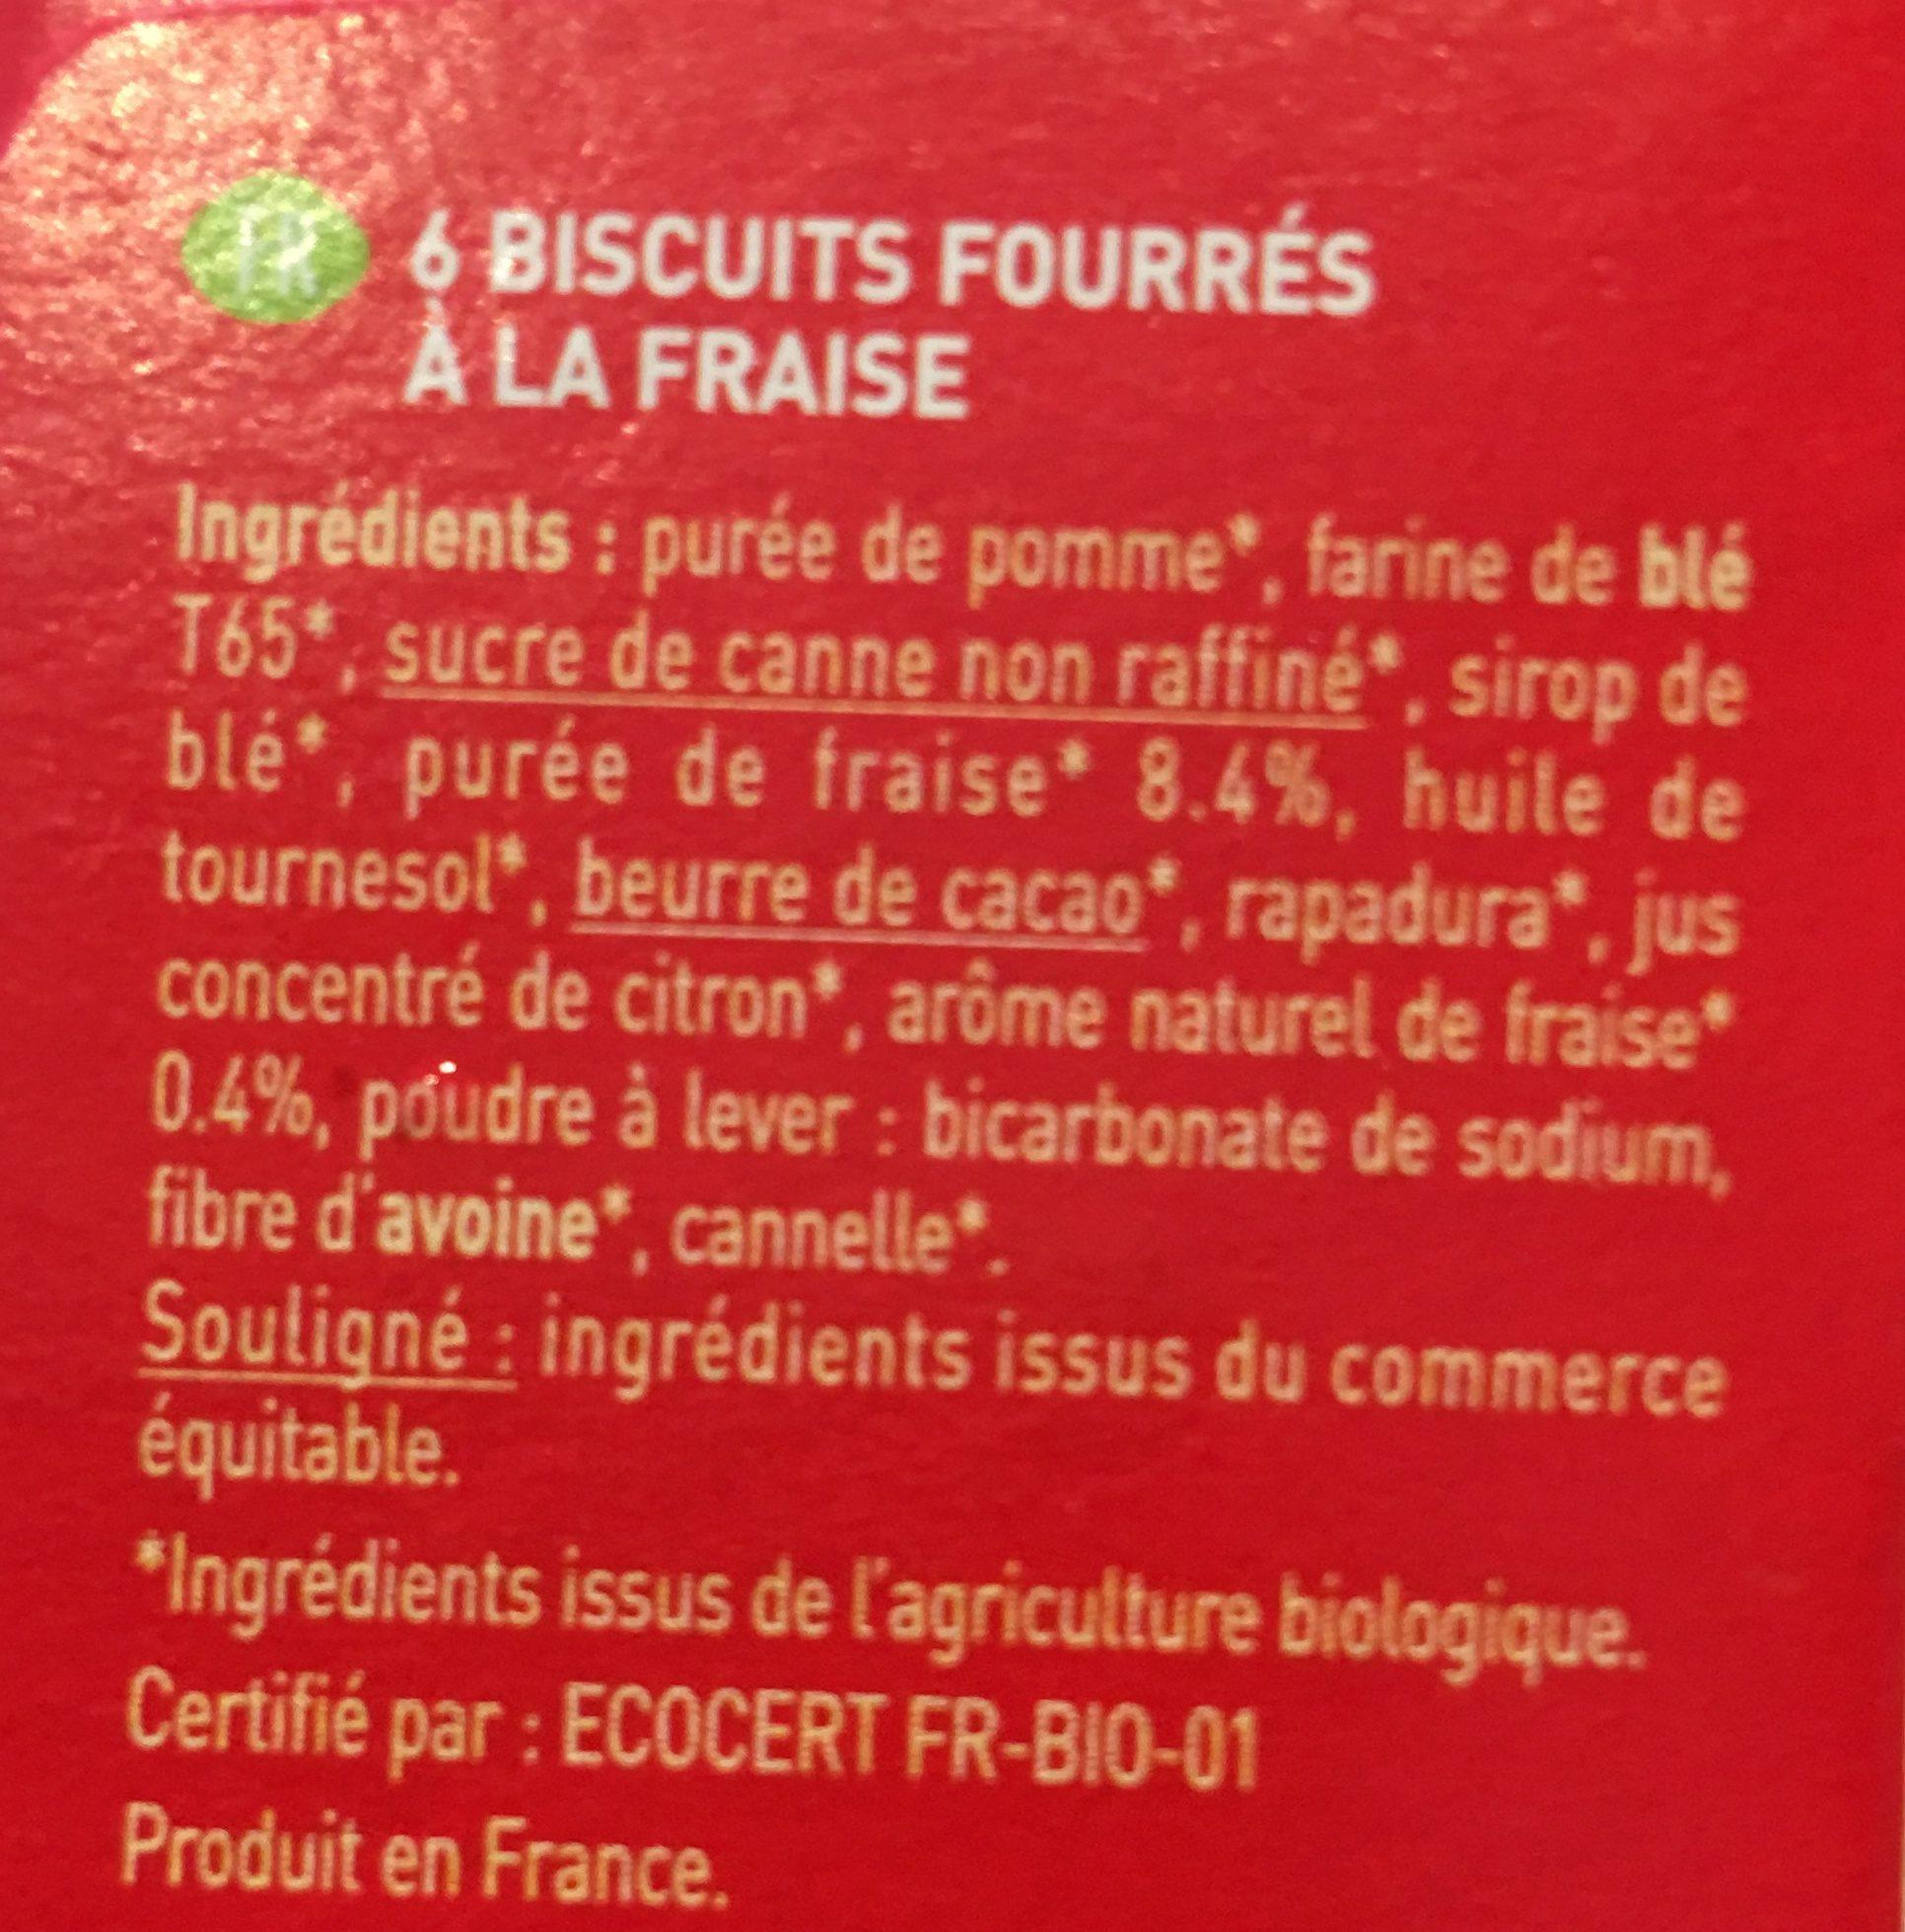 Twibio Fraise - Ingrédients - fr